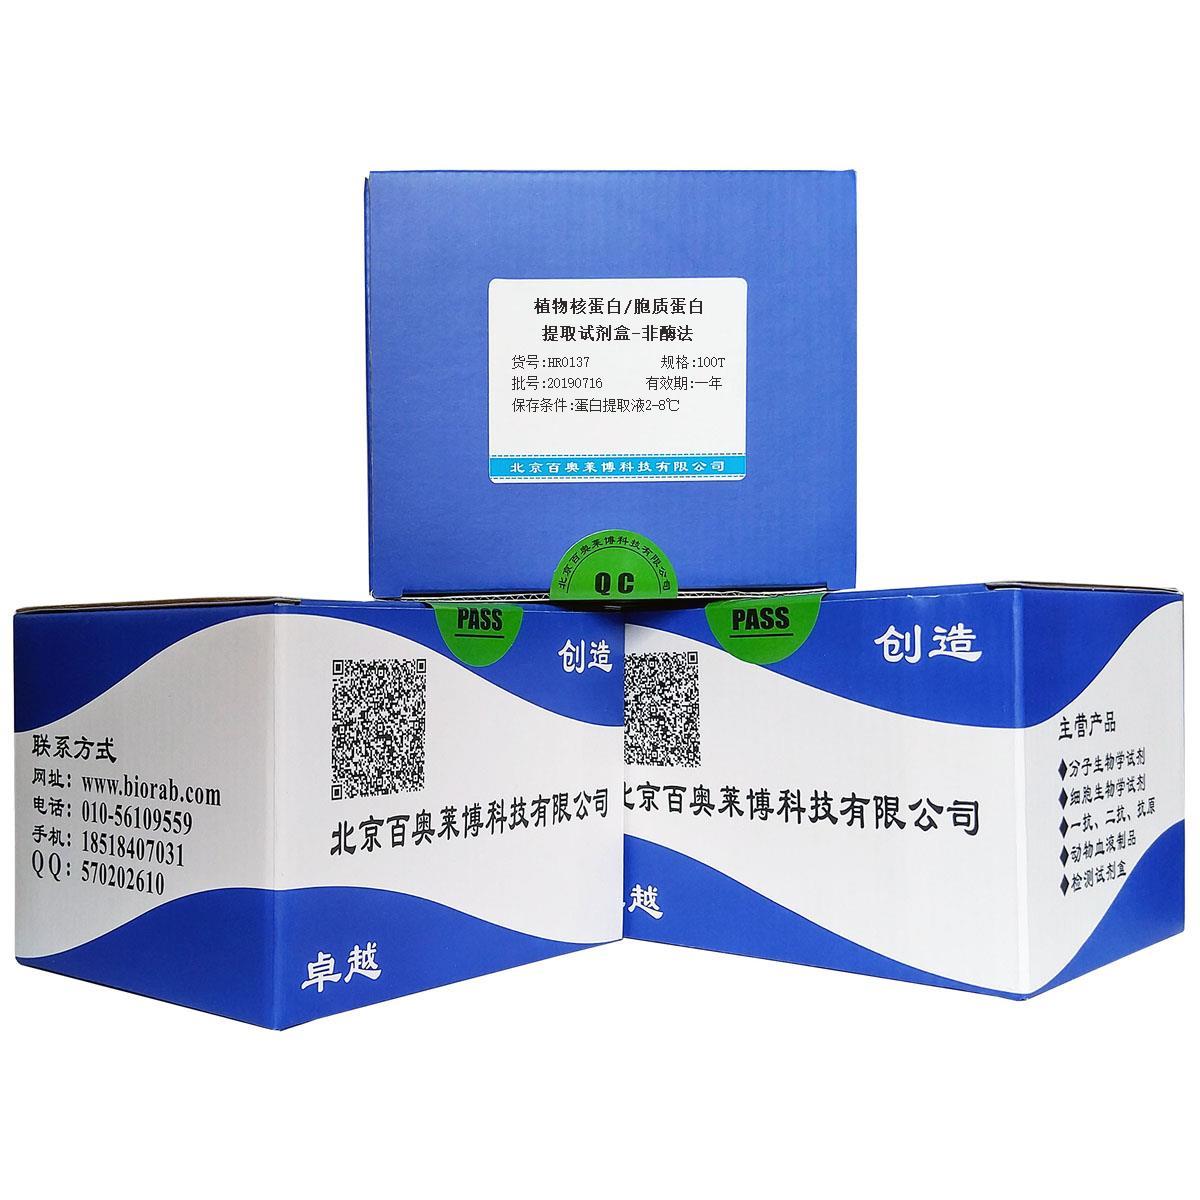 植物核蛋白/胞质蛋白提取试剂盒-非酶法报价